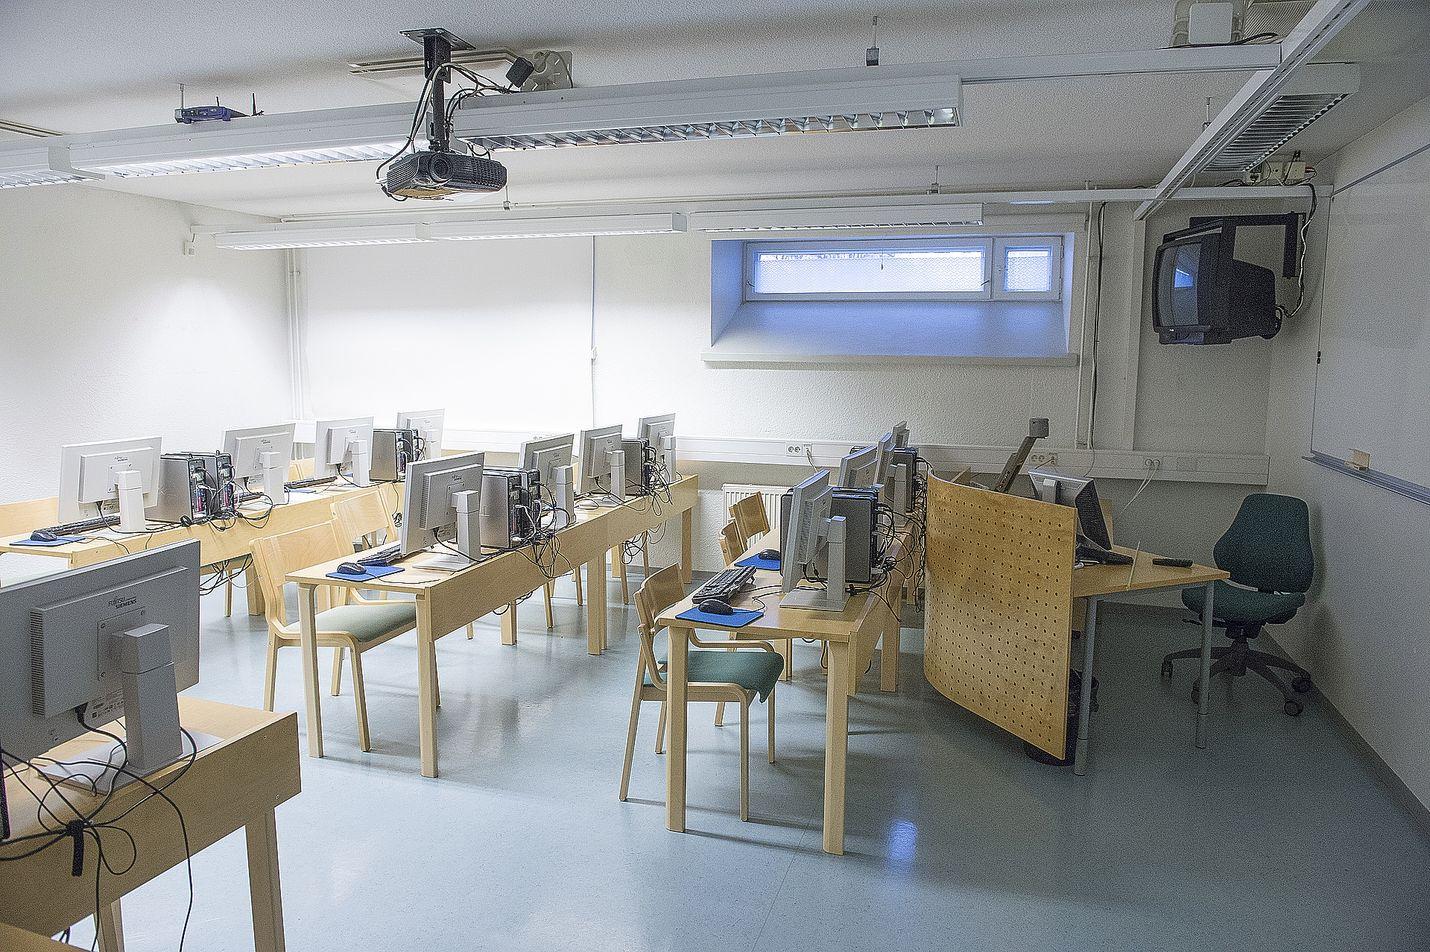 Suomen peruskouluissa ja lukioissa kesäloma alkaa viikon 22 lauantaina eli vuodesta riippuen joko toukokuun lopussa tai kesäkuun alkupäivinä. Luokat pysyvät tyhjinä aina elokuun puoleenväliin saakka.